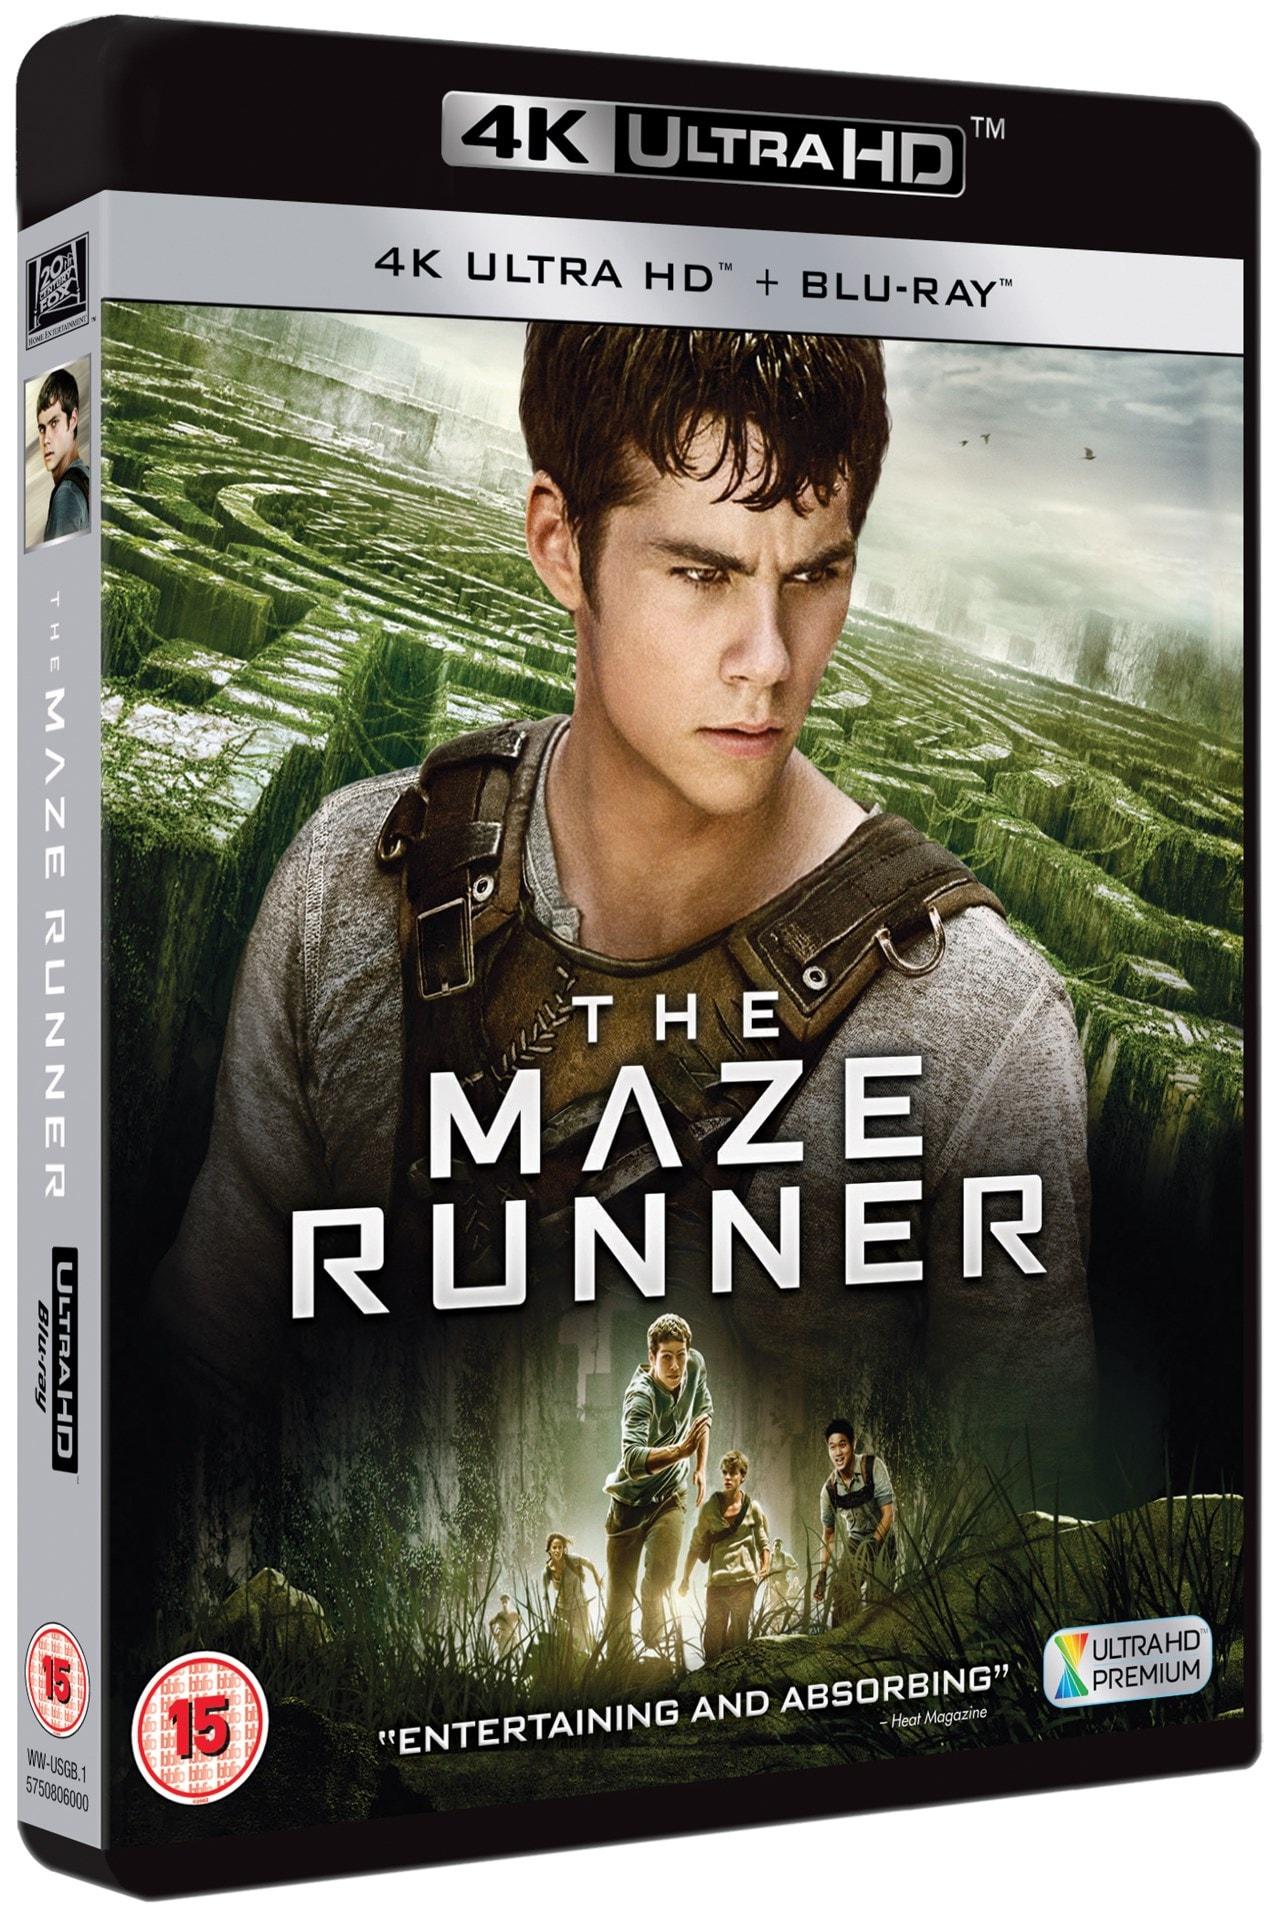 The Maze Runner - 2